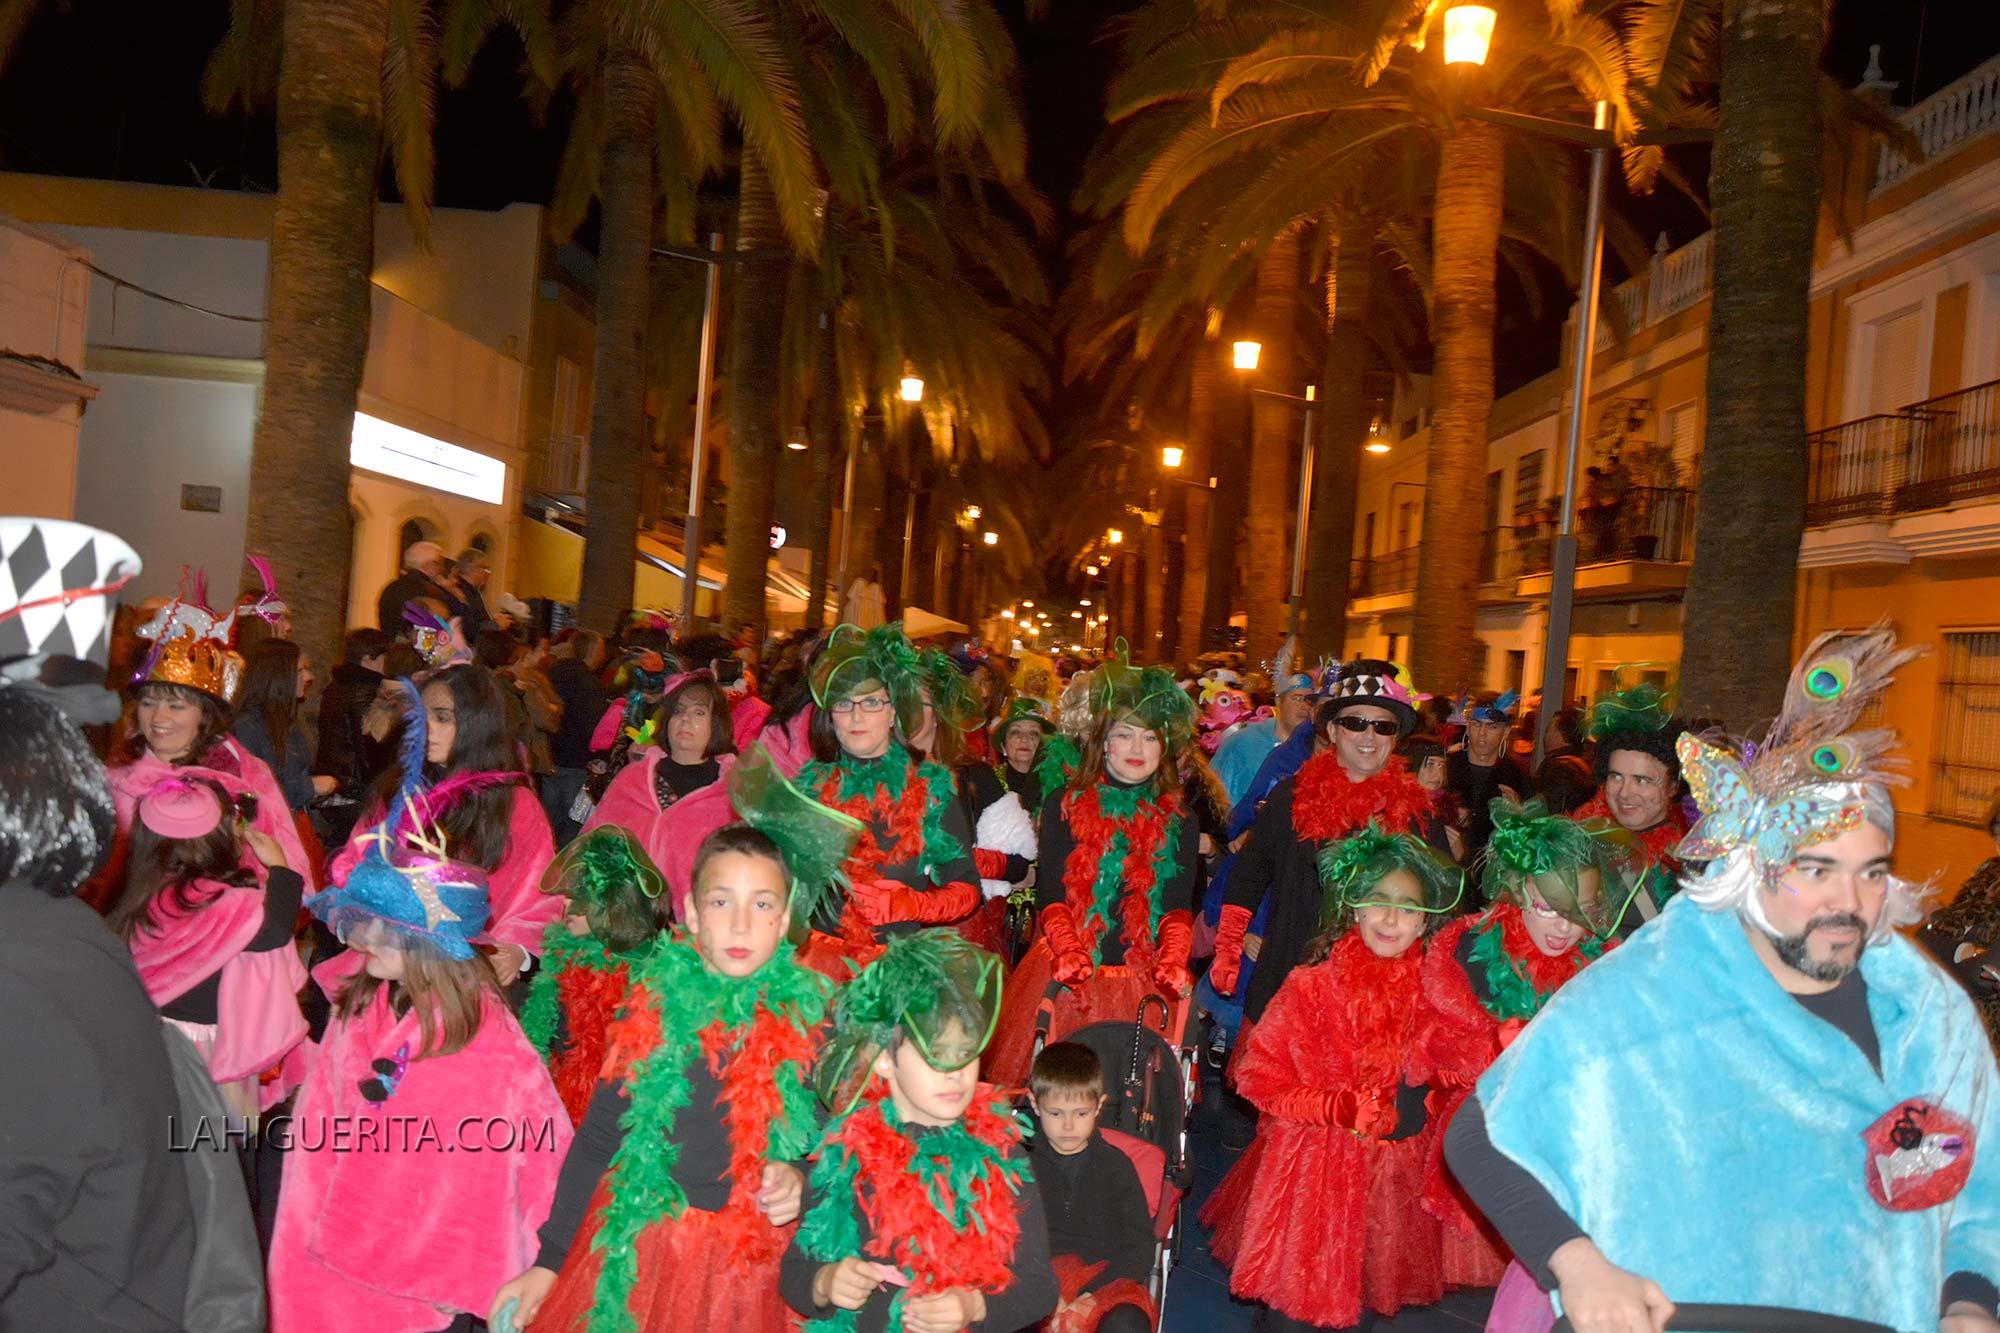 Entierro de la sardina carnaval isla cristina _DSC2070